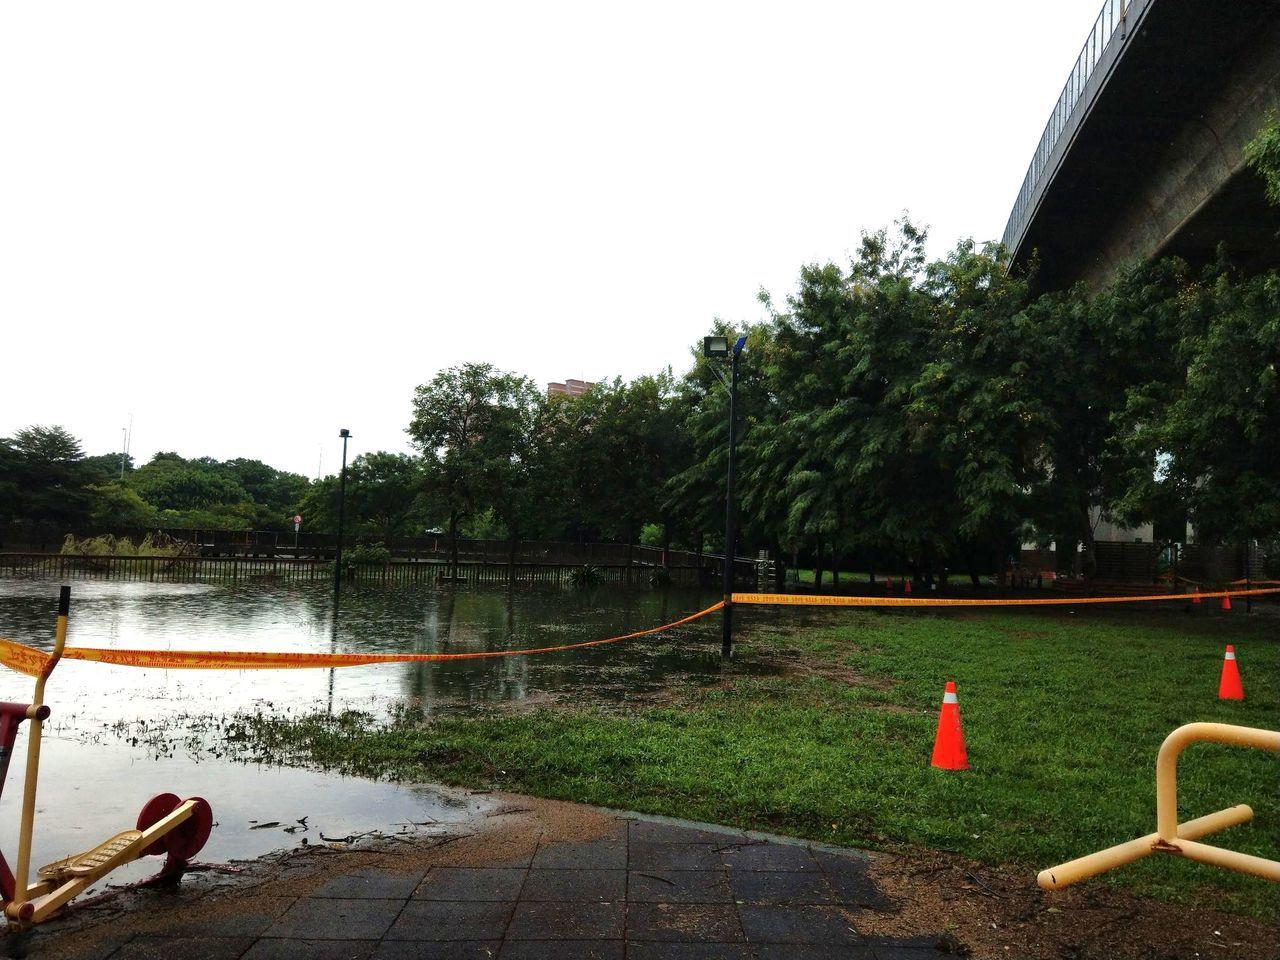 彰化市寶廍里的景觀公園景觀池今天上午因池水漫溢嚴重,公所立即圍起警戒封鎖線,連同...